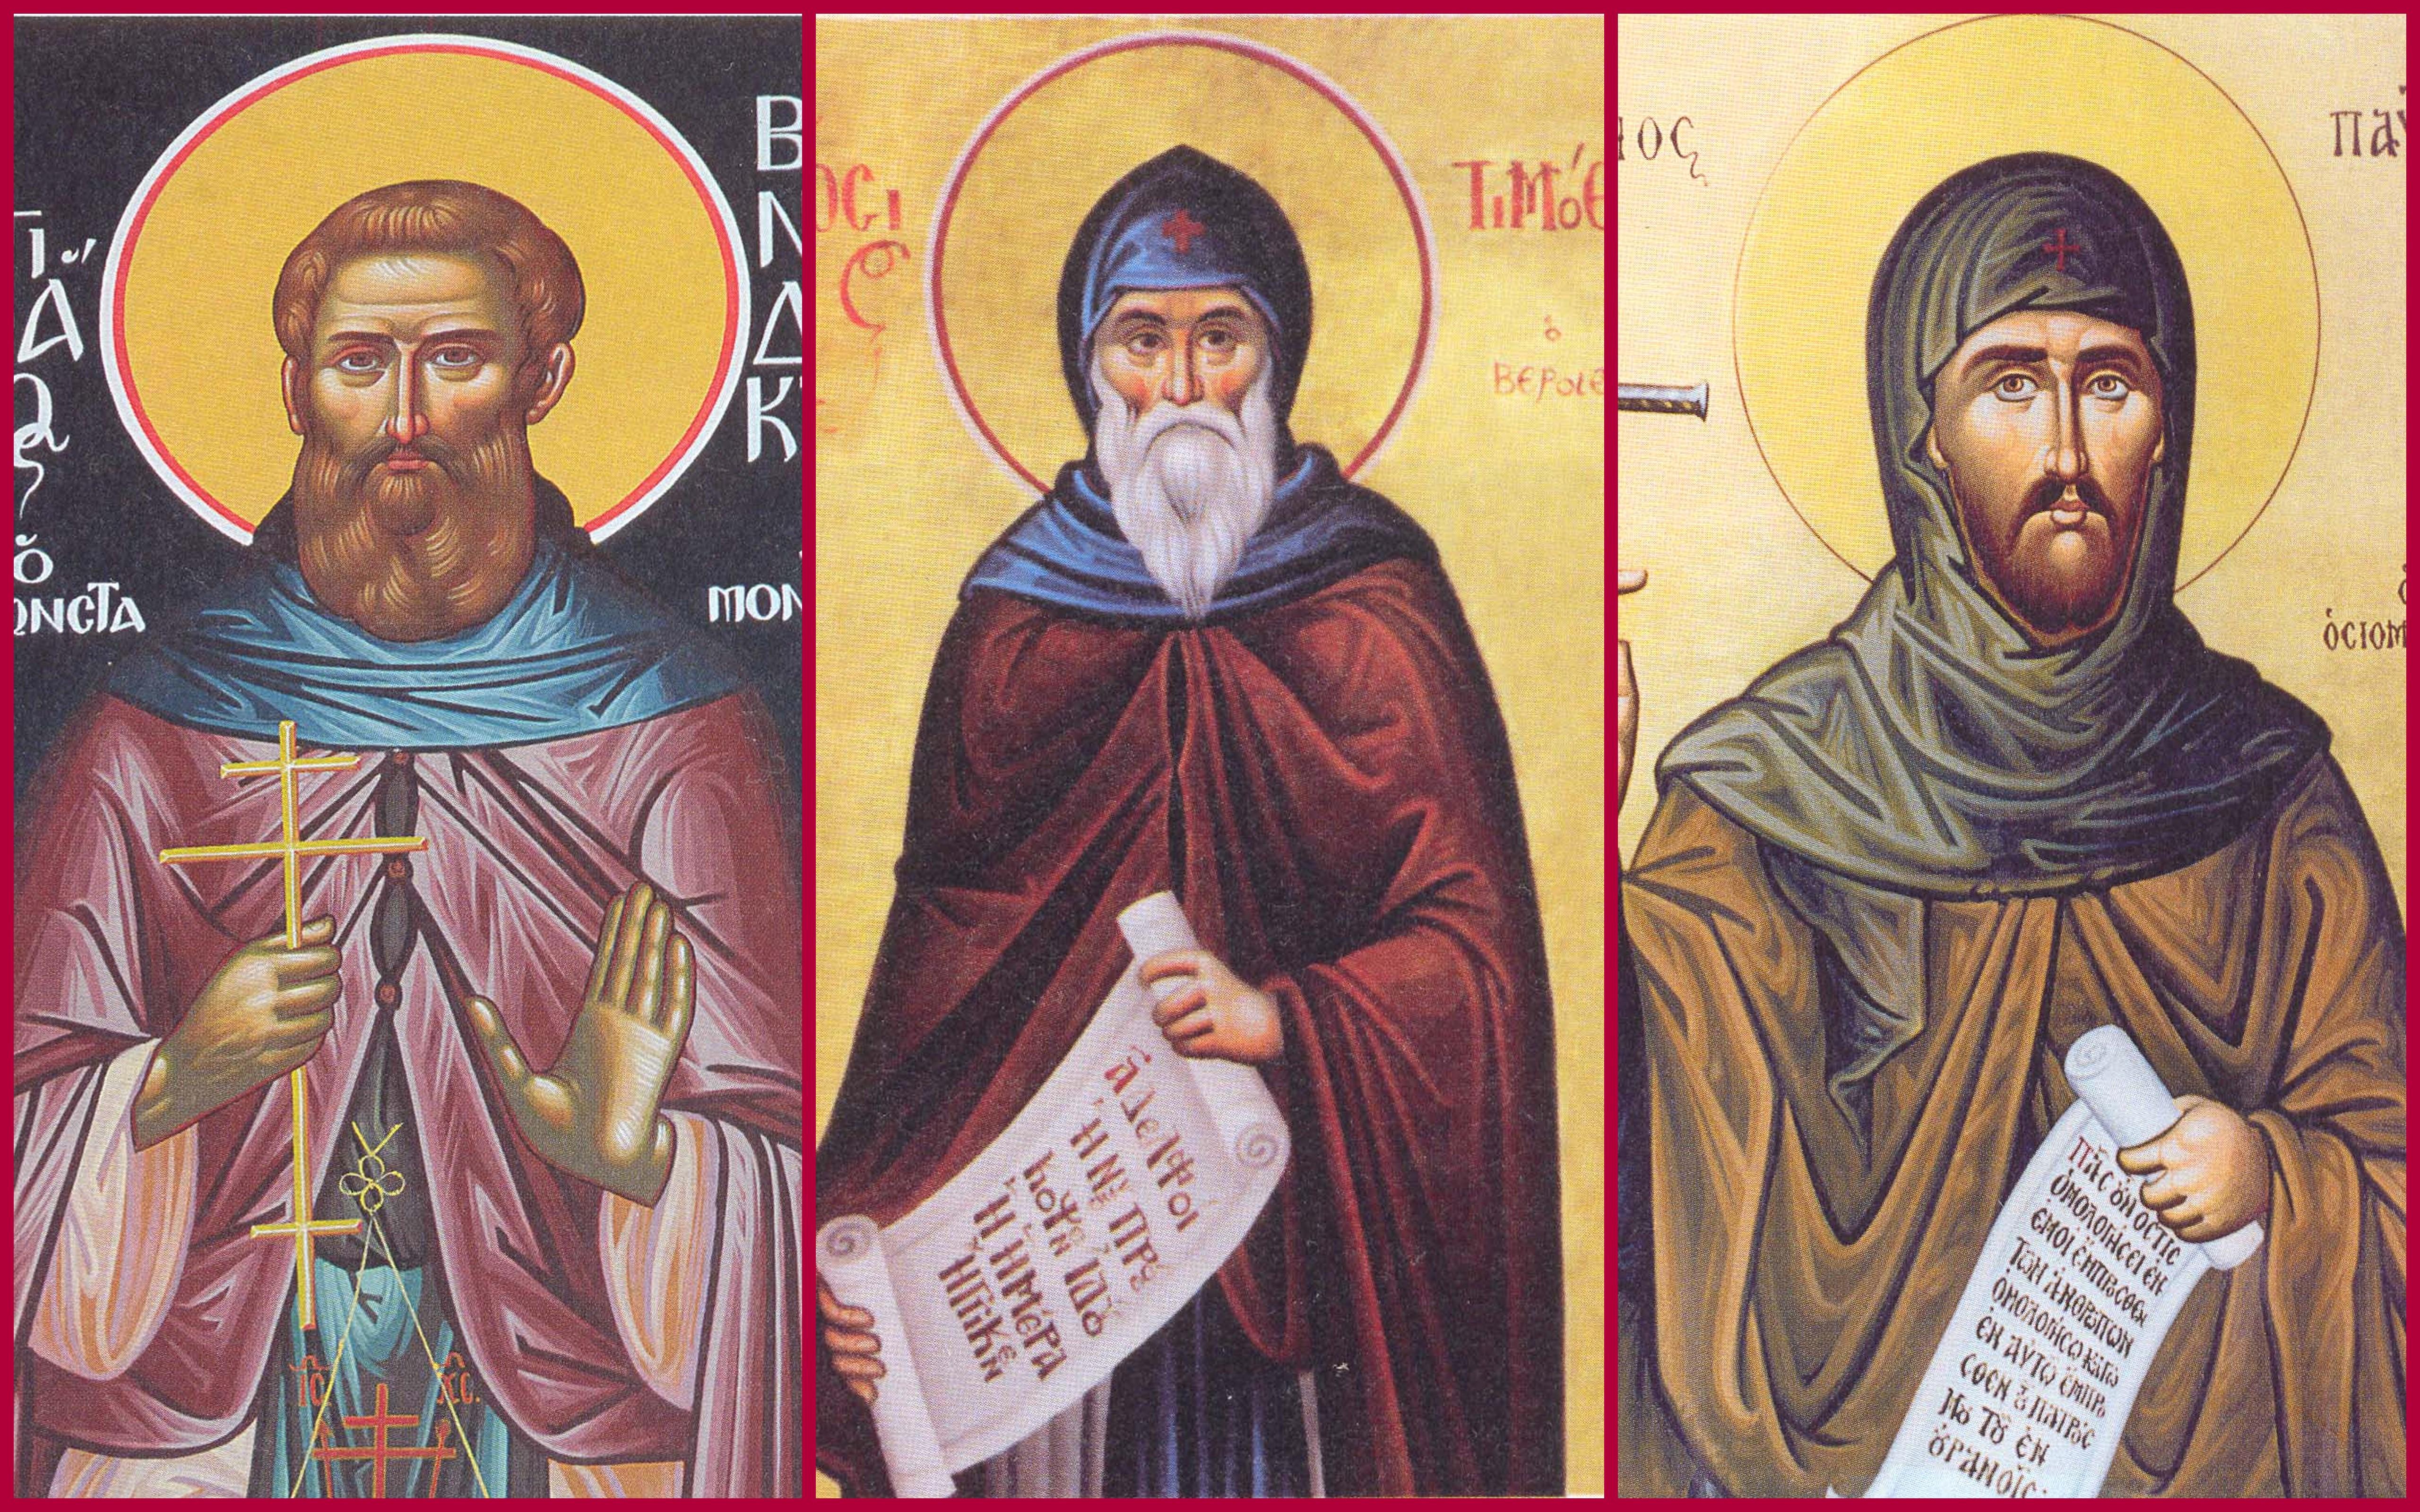 Ιερομάρτυς Βενέδικτος, Οσιομάρτυς Τιμόθεος, οσιομάρτυς Παύλος